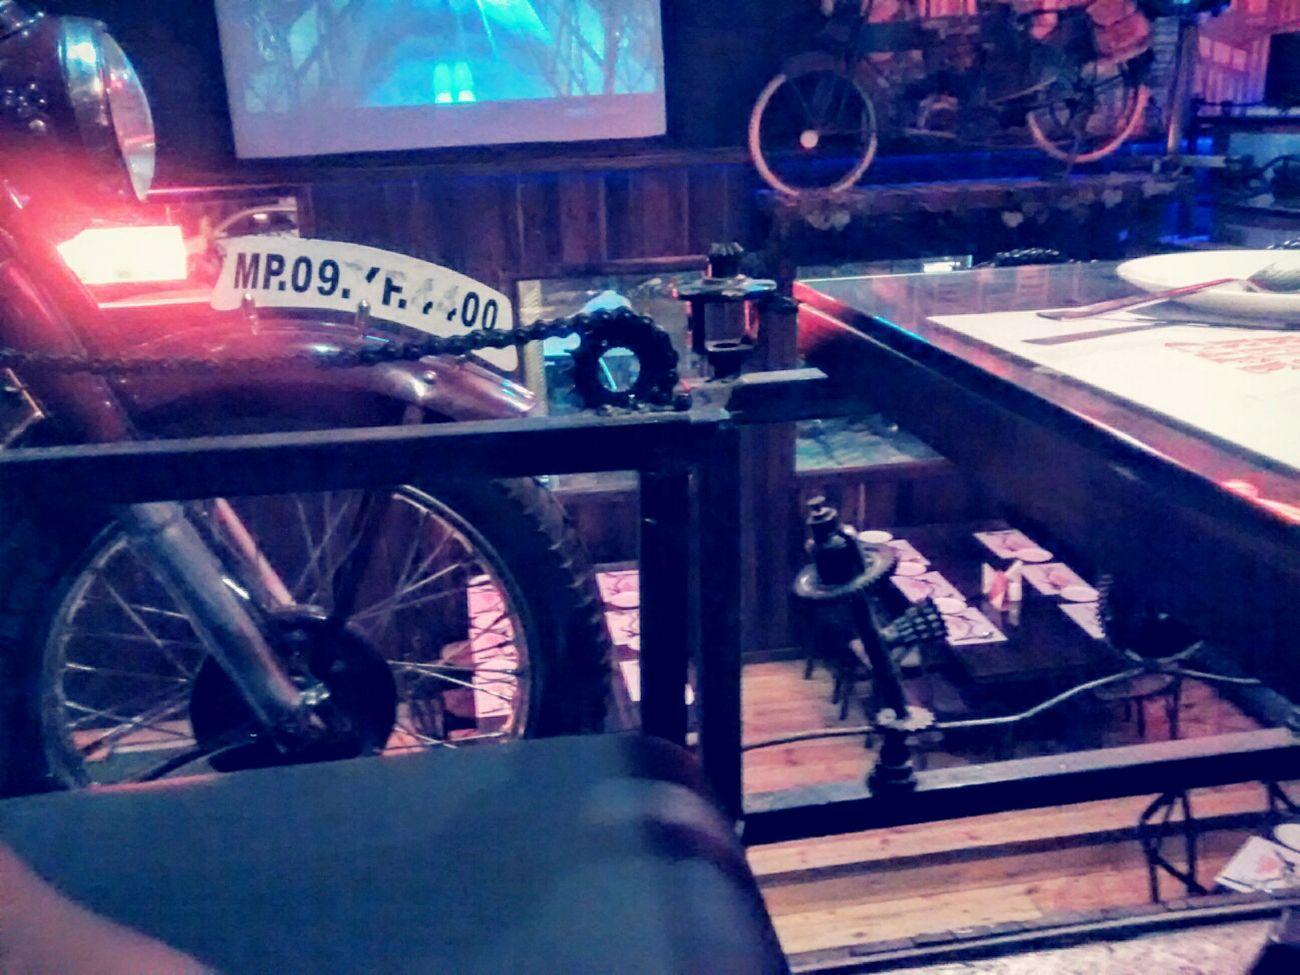 Electronic Music Shots Bikes Night Iitdelhi Music India Indie